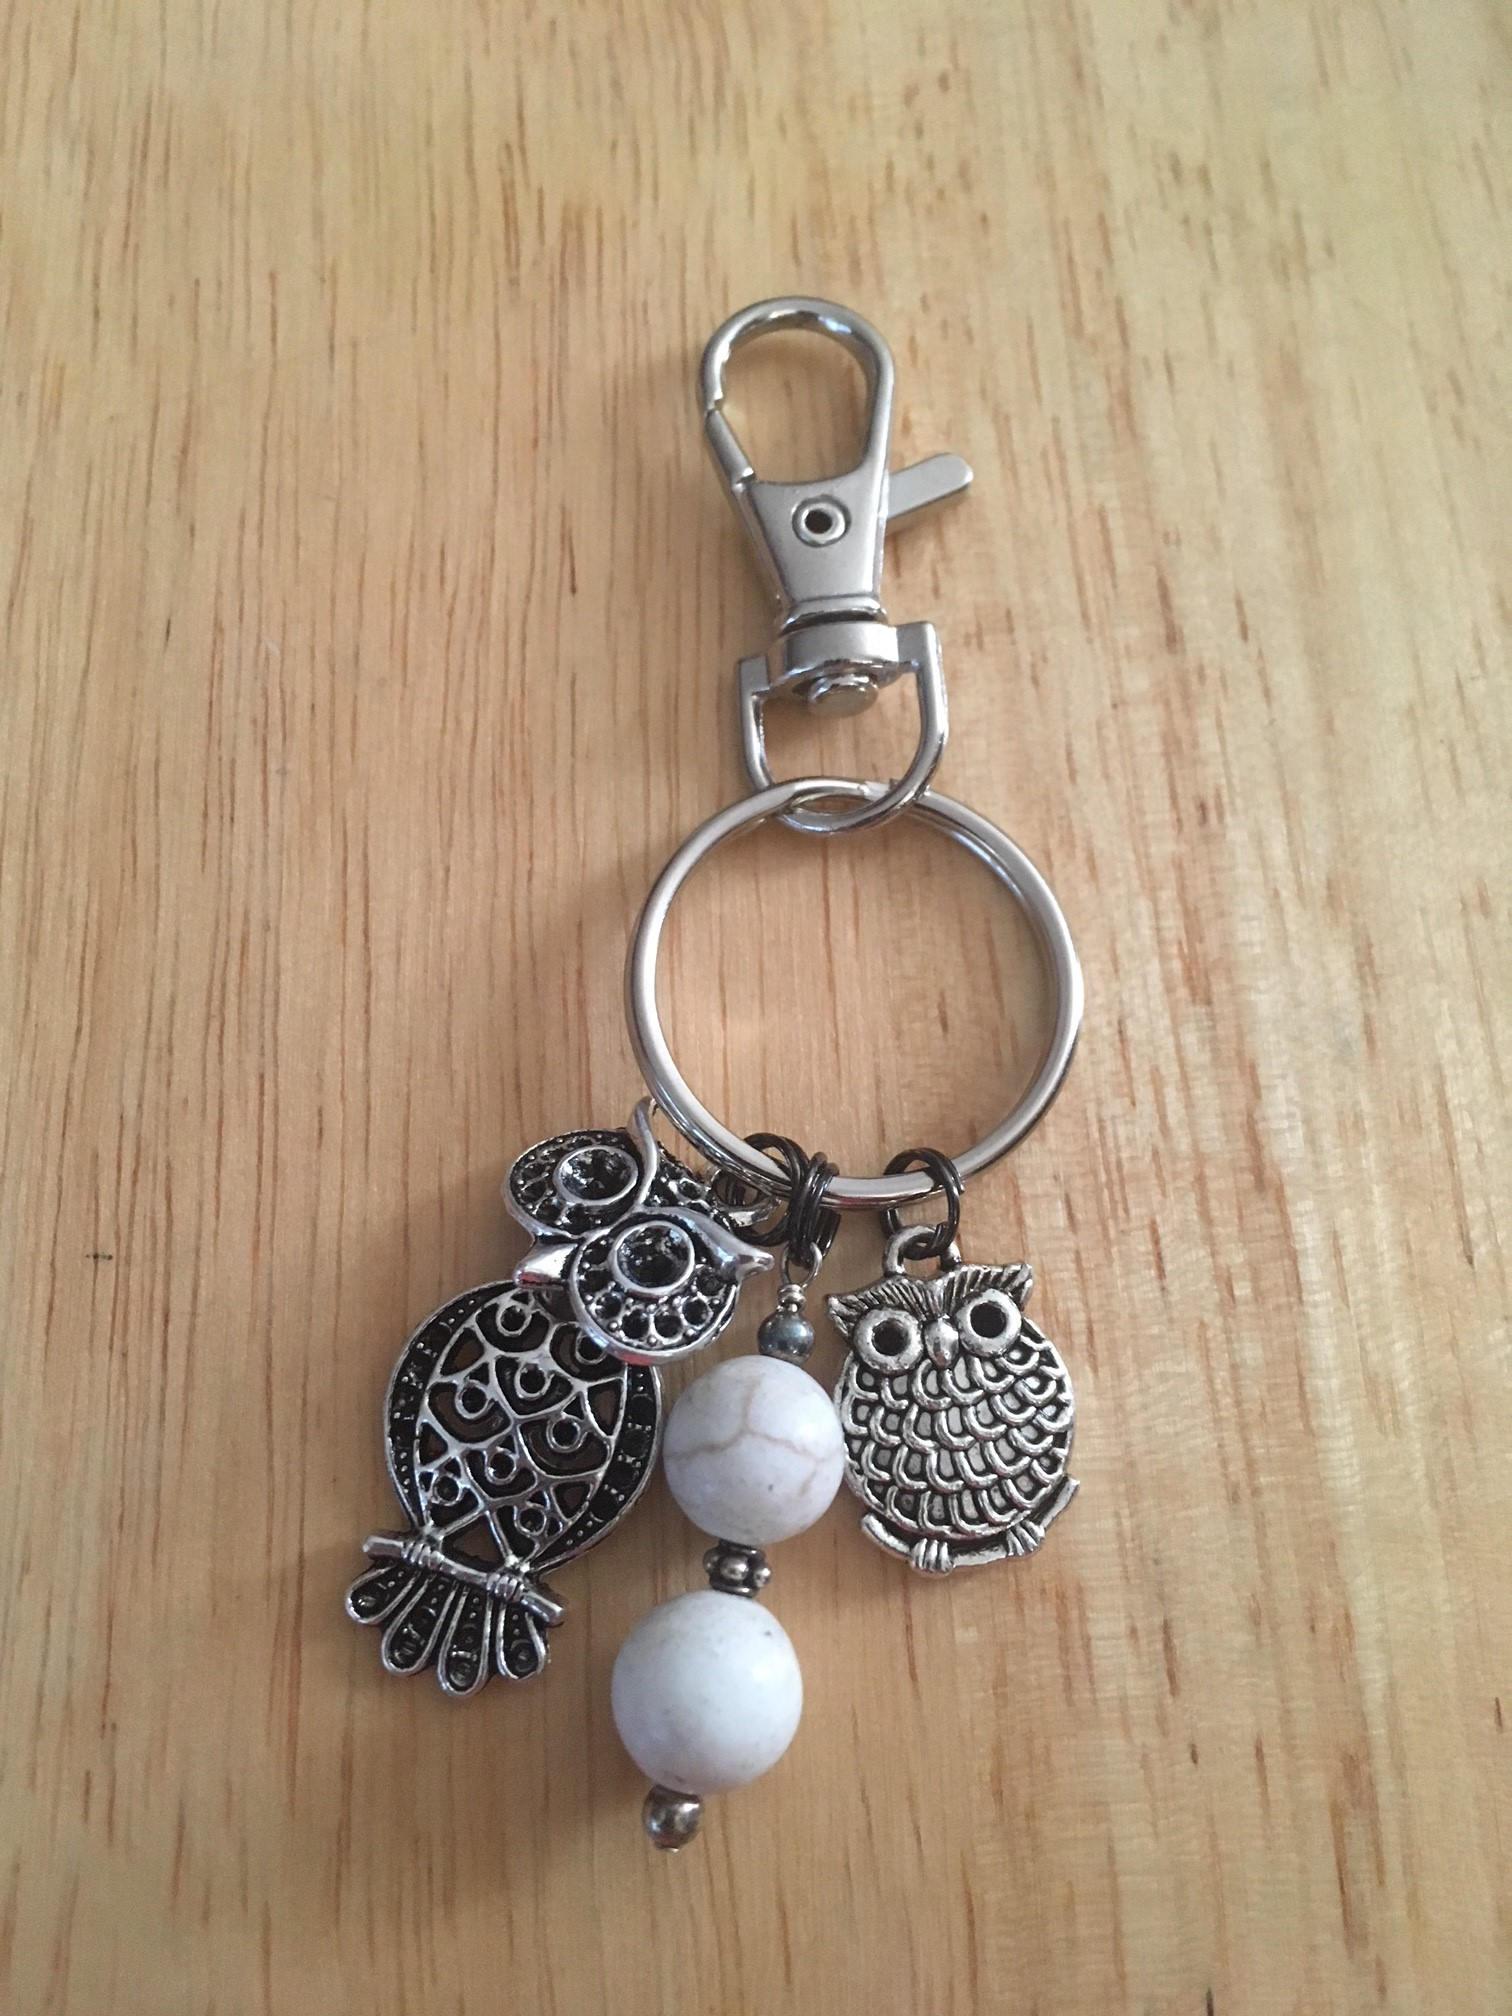 Keychains Lightupcircuitboardkeychain Owl Keychain Metal Charm